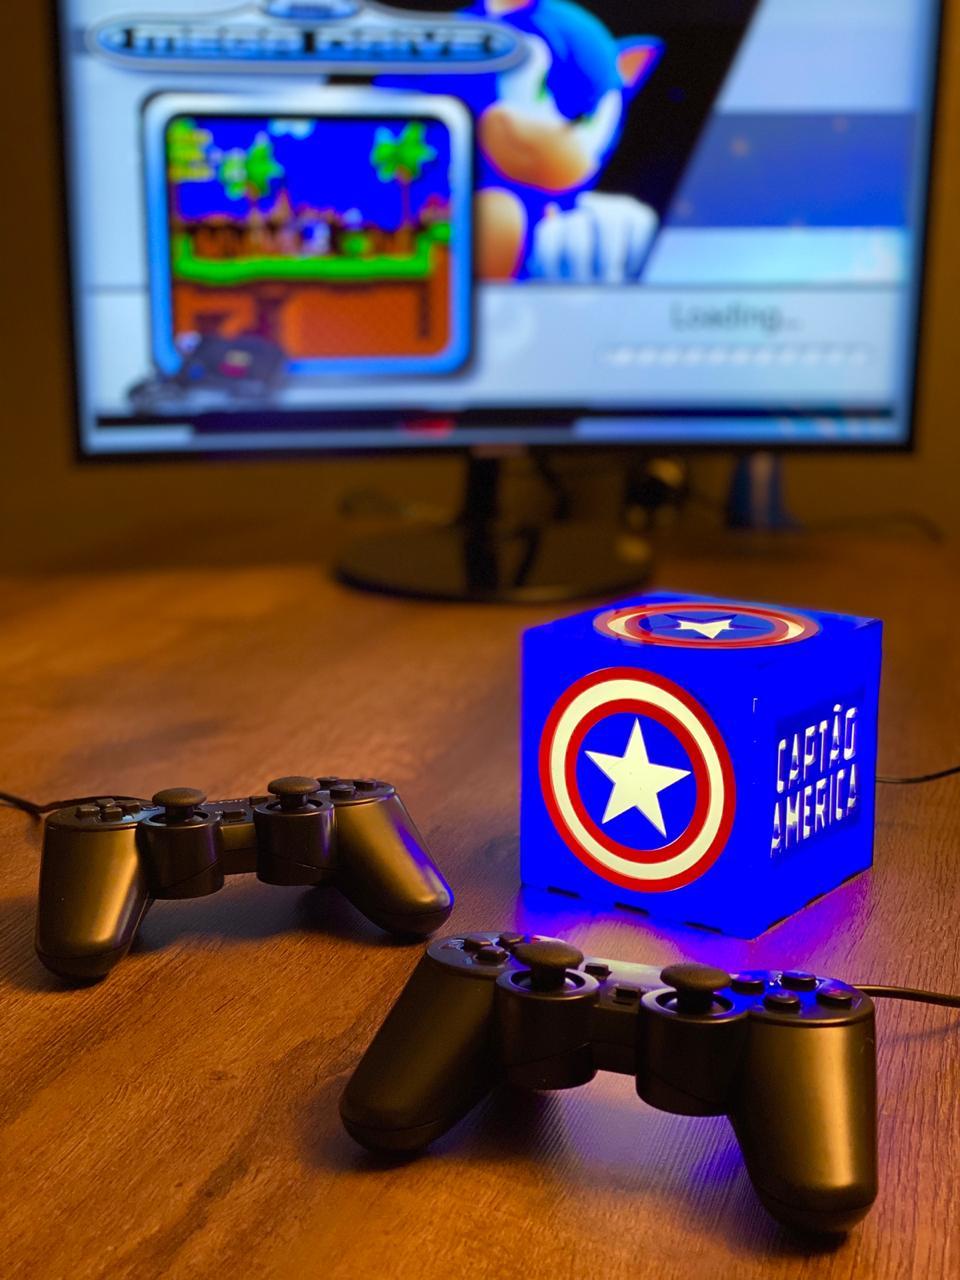 Cubo Retrô Box Capitão América: Fliperama Arcade Game (20.000 Jogos) PlayStation/Nintendo/SNES/Mega Drive/Sega Saturn